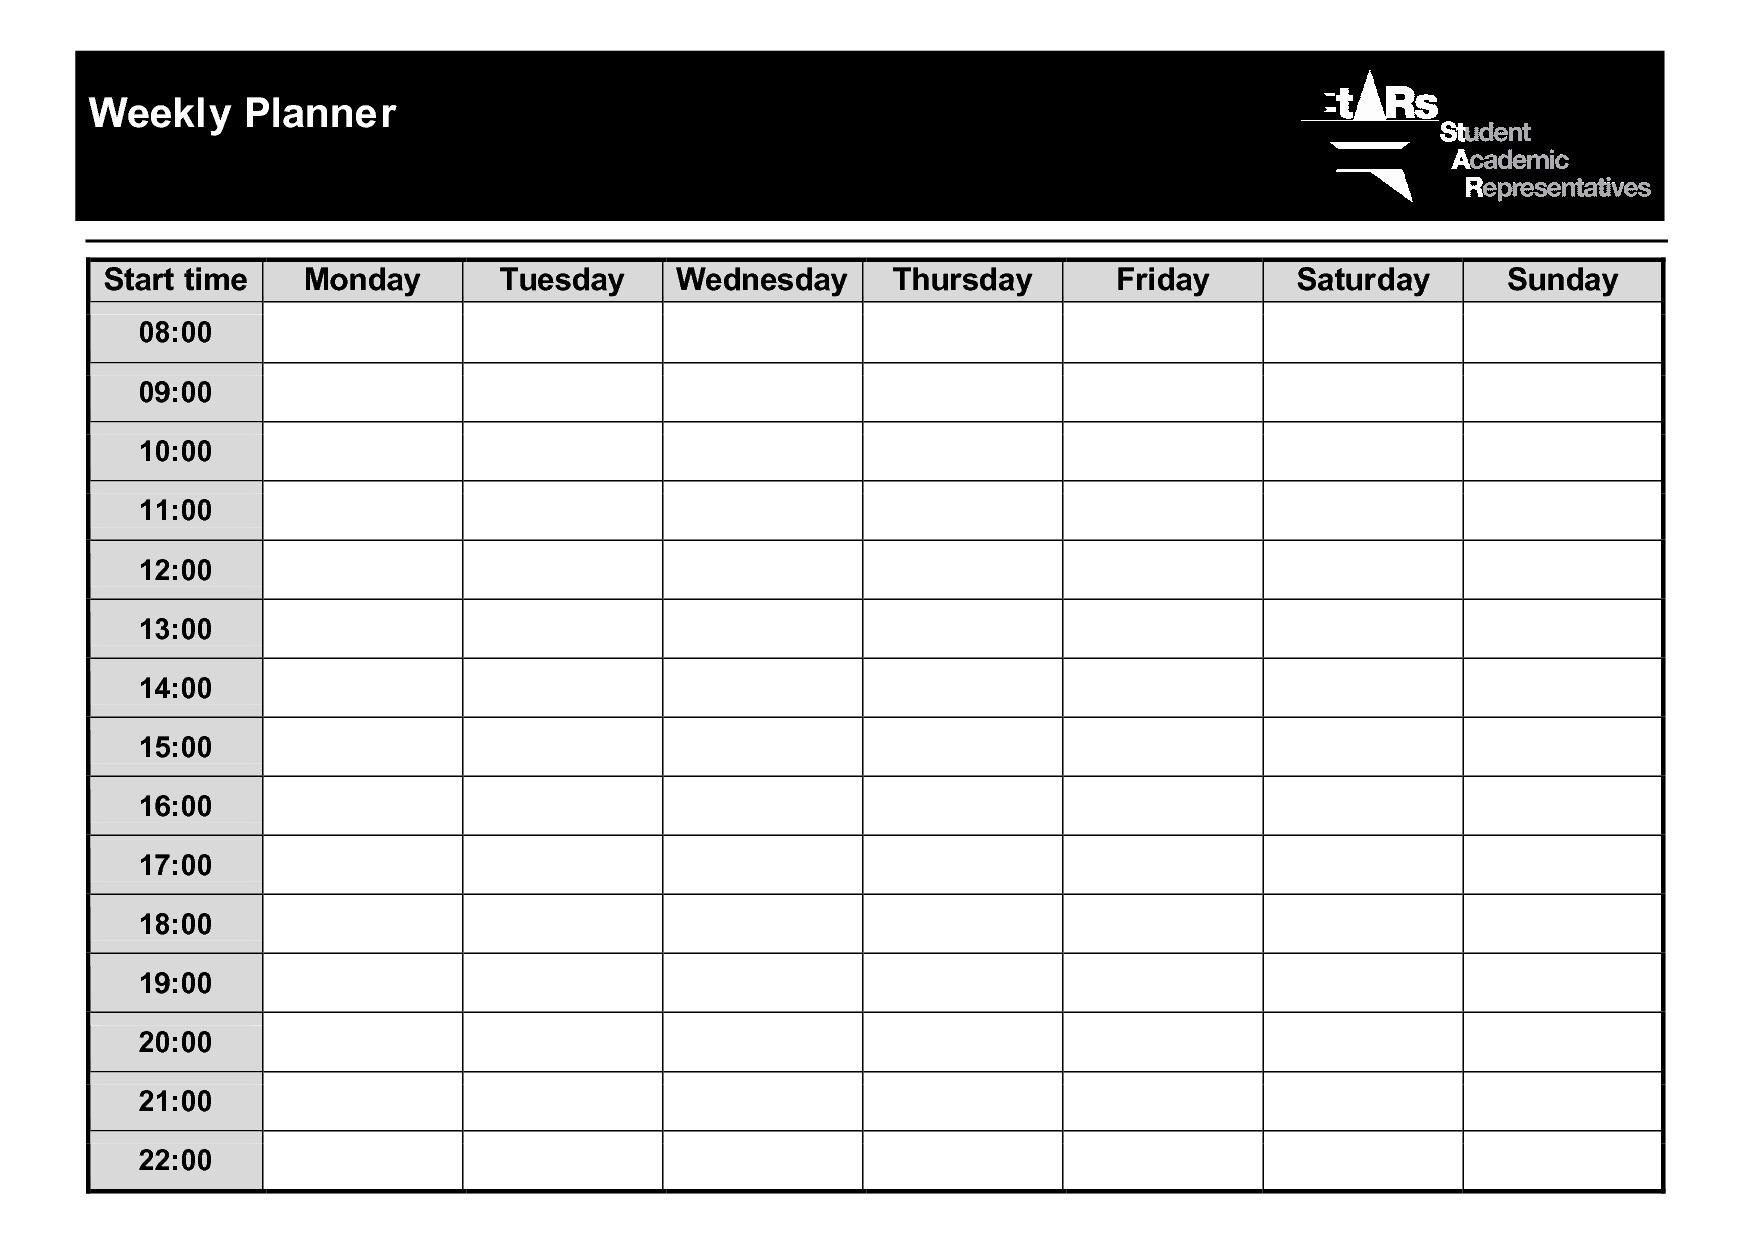 Weekly Planner Template PDF Weekly Planner Template